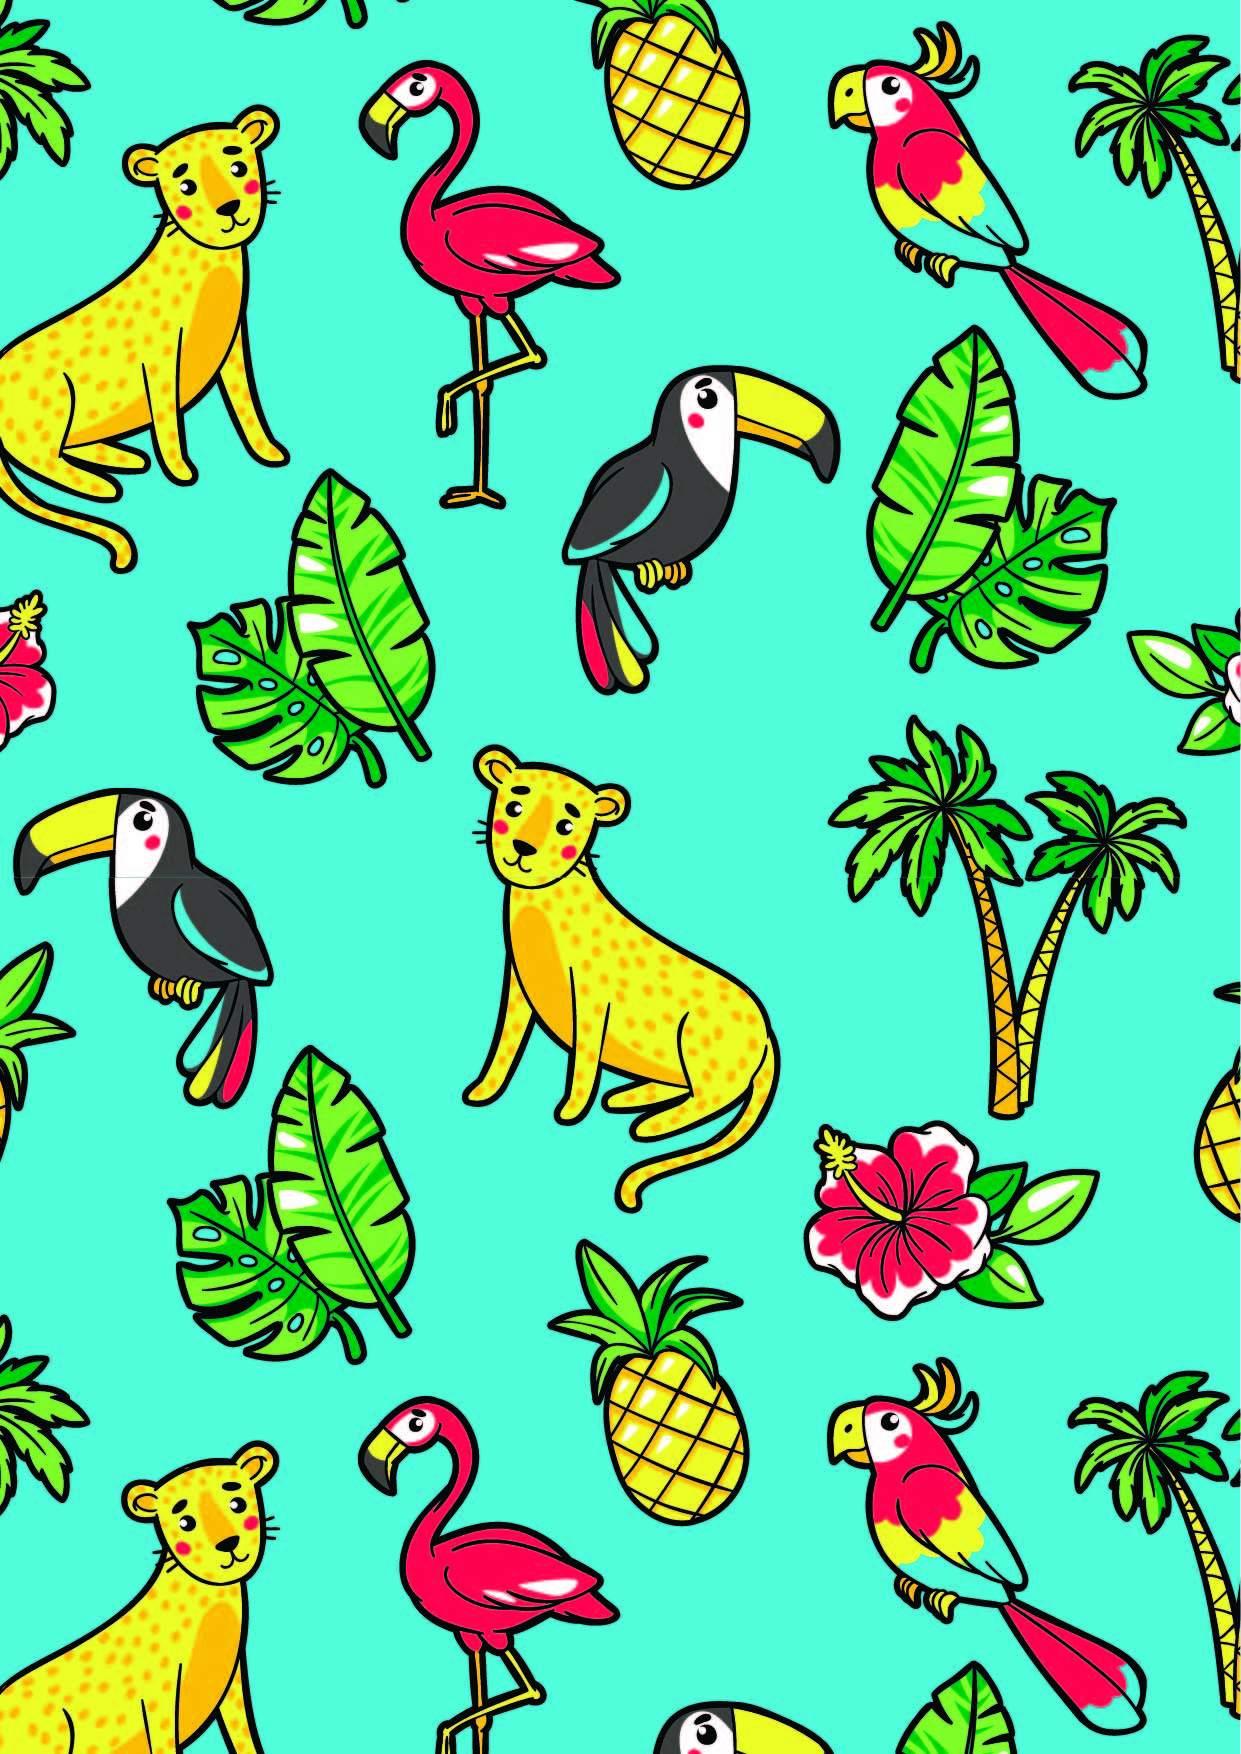 卡通动物花纹豹子火烈鸟鹦鹉大嘴鸟印花矢量图服装纺织面料数码印花花型素材-POP花型网